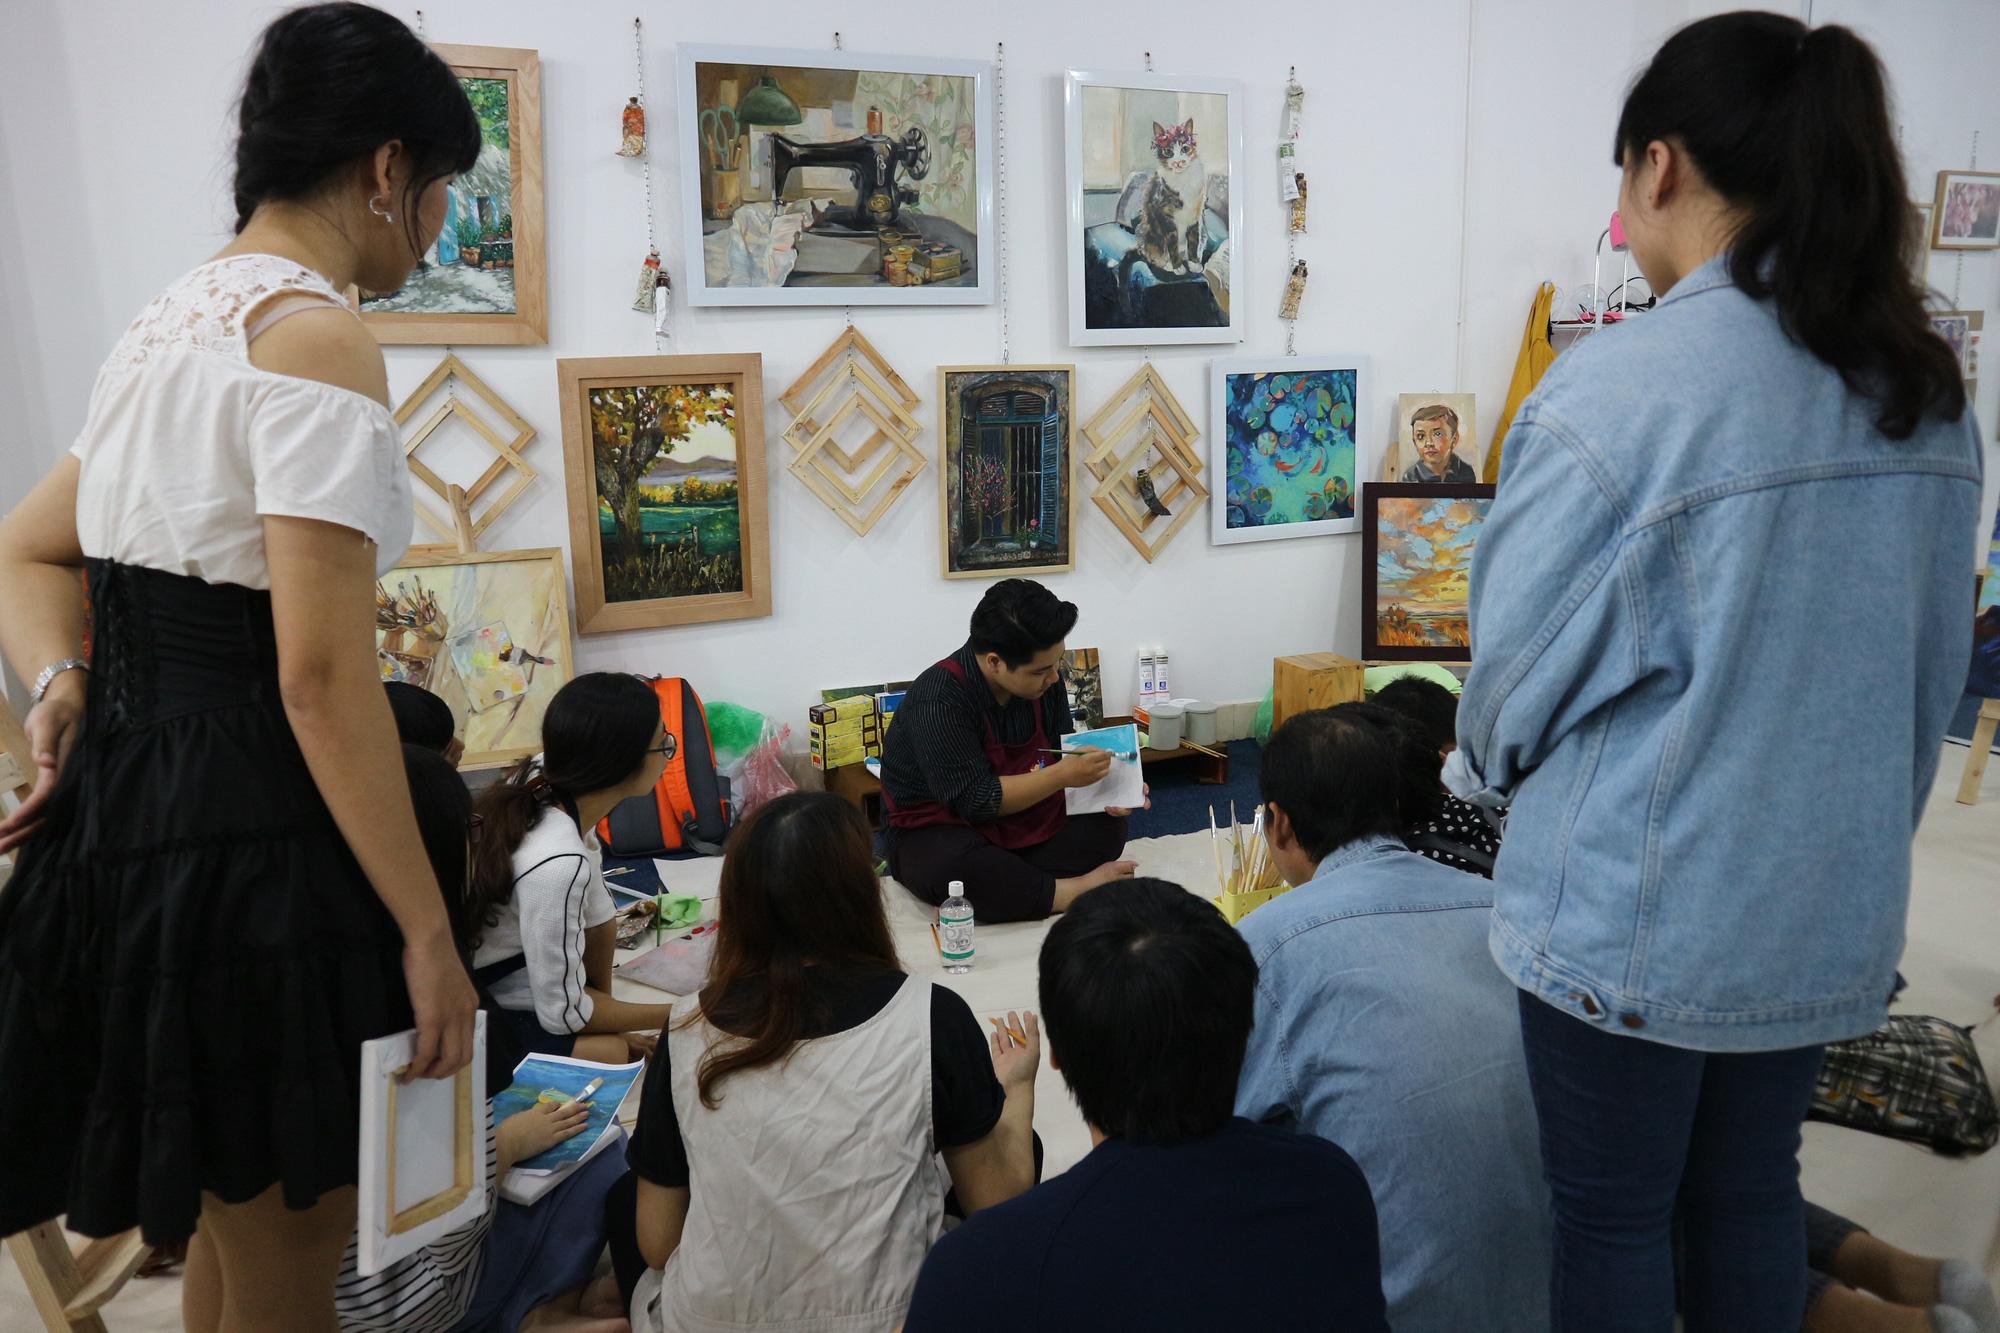 Bụi Xưởng: Đặc biệt hơn cả một lớp học vẽ - Ảnh 13.